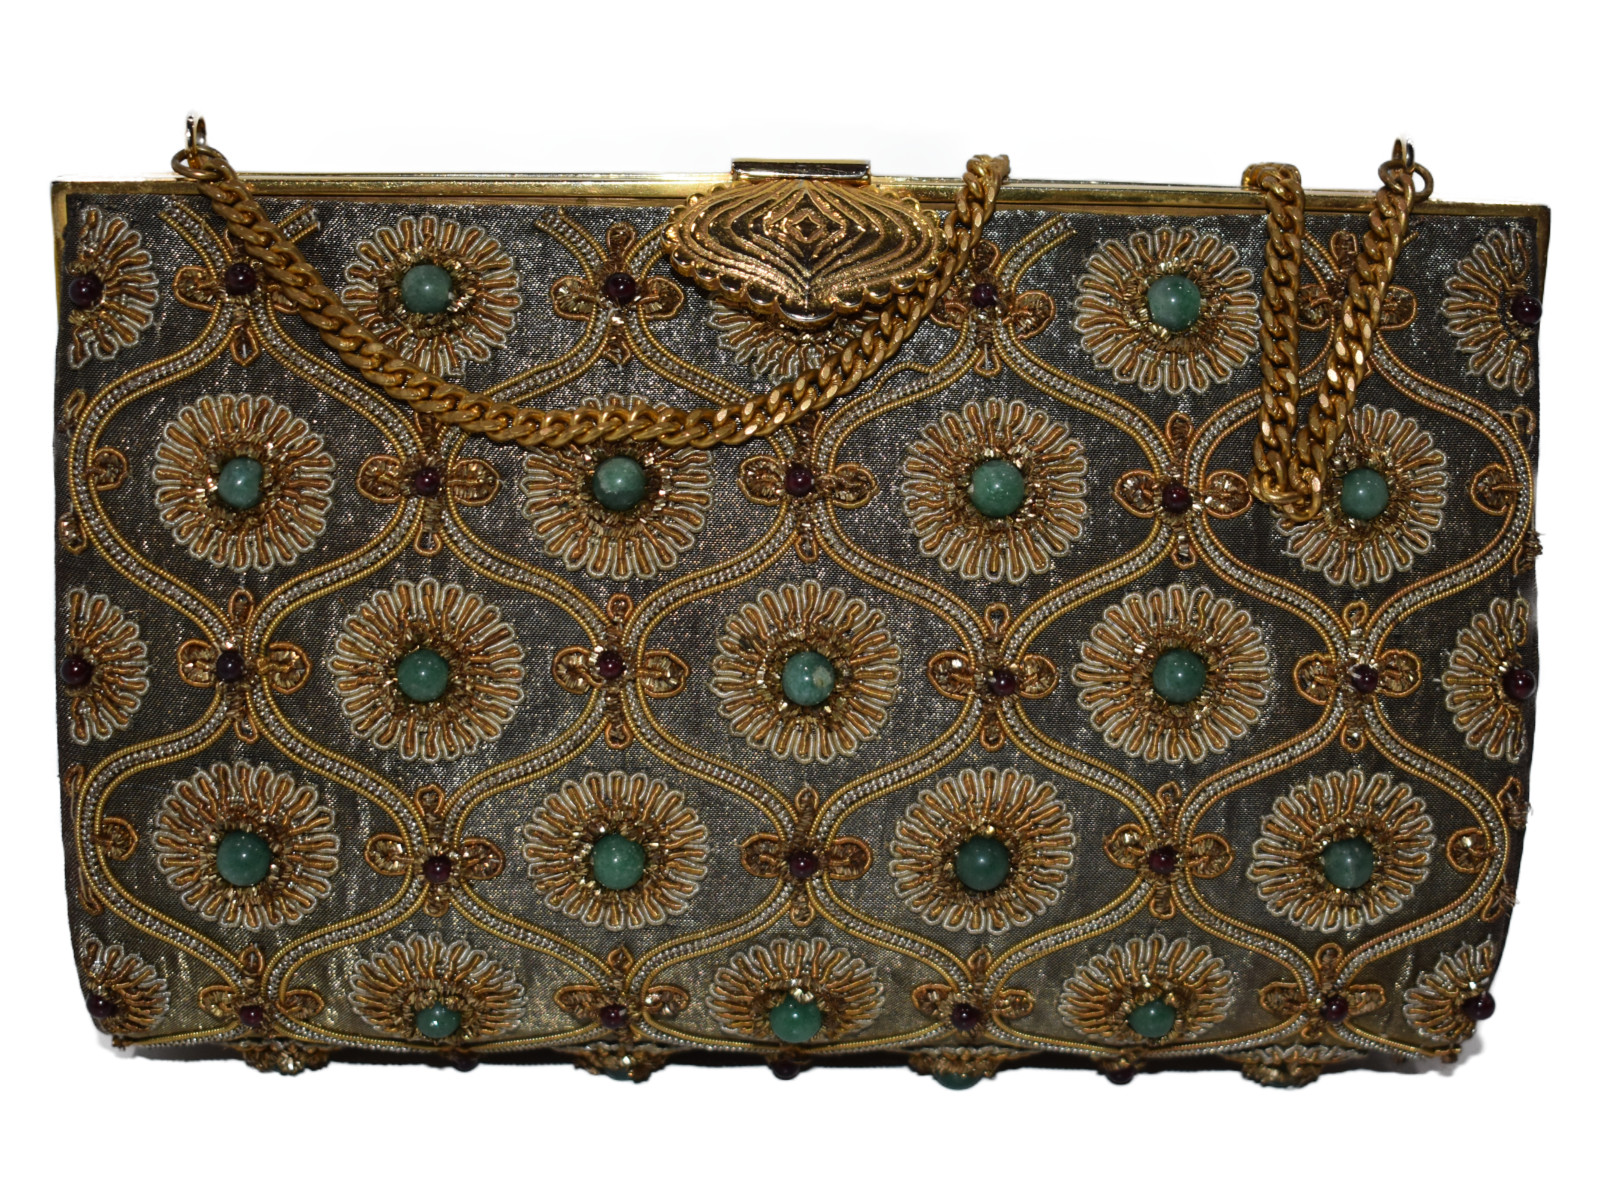 【☆和装にピッタリ☆】 和装バッグ   ゴールド系   和装 着物 コンパクト ハンドバッグ【中古】